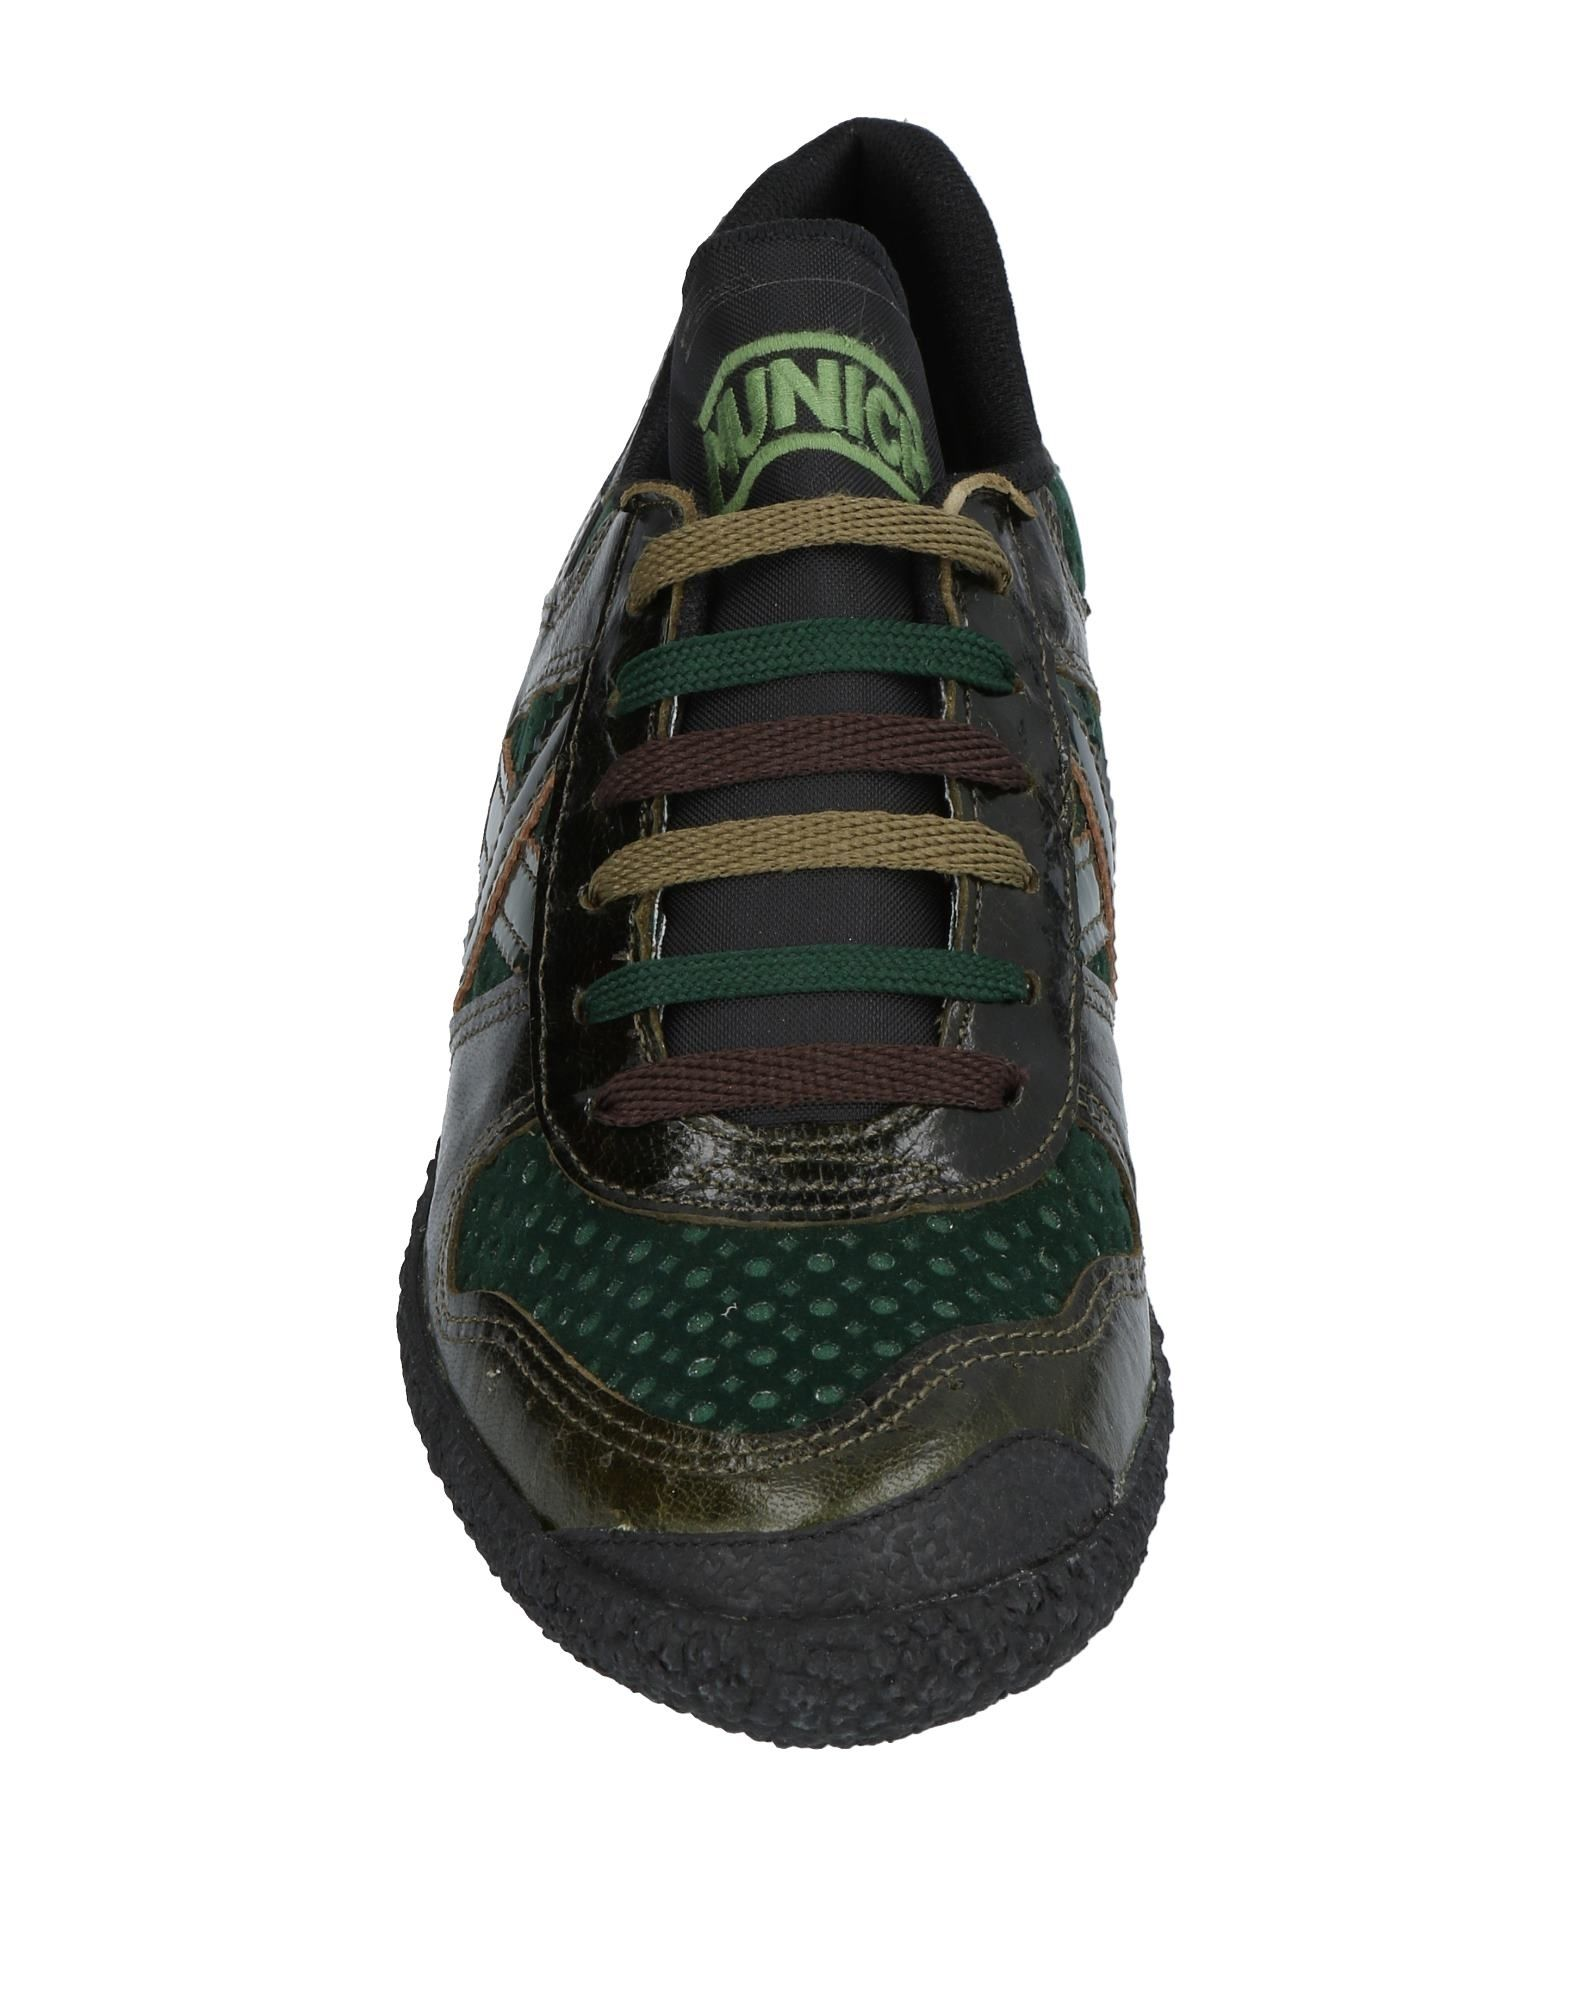 Schuhe Munich Sneakers Herren  11412840RQ Heiße Schuhe  b4a54f